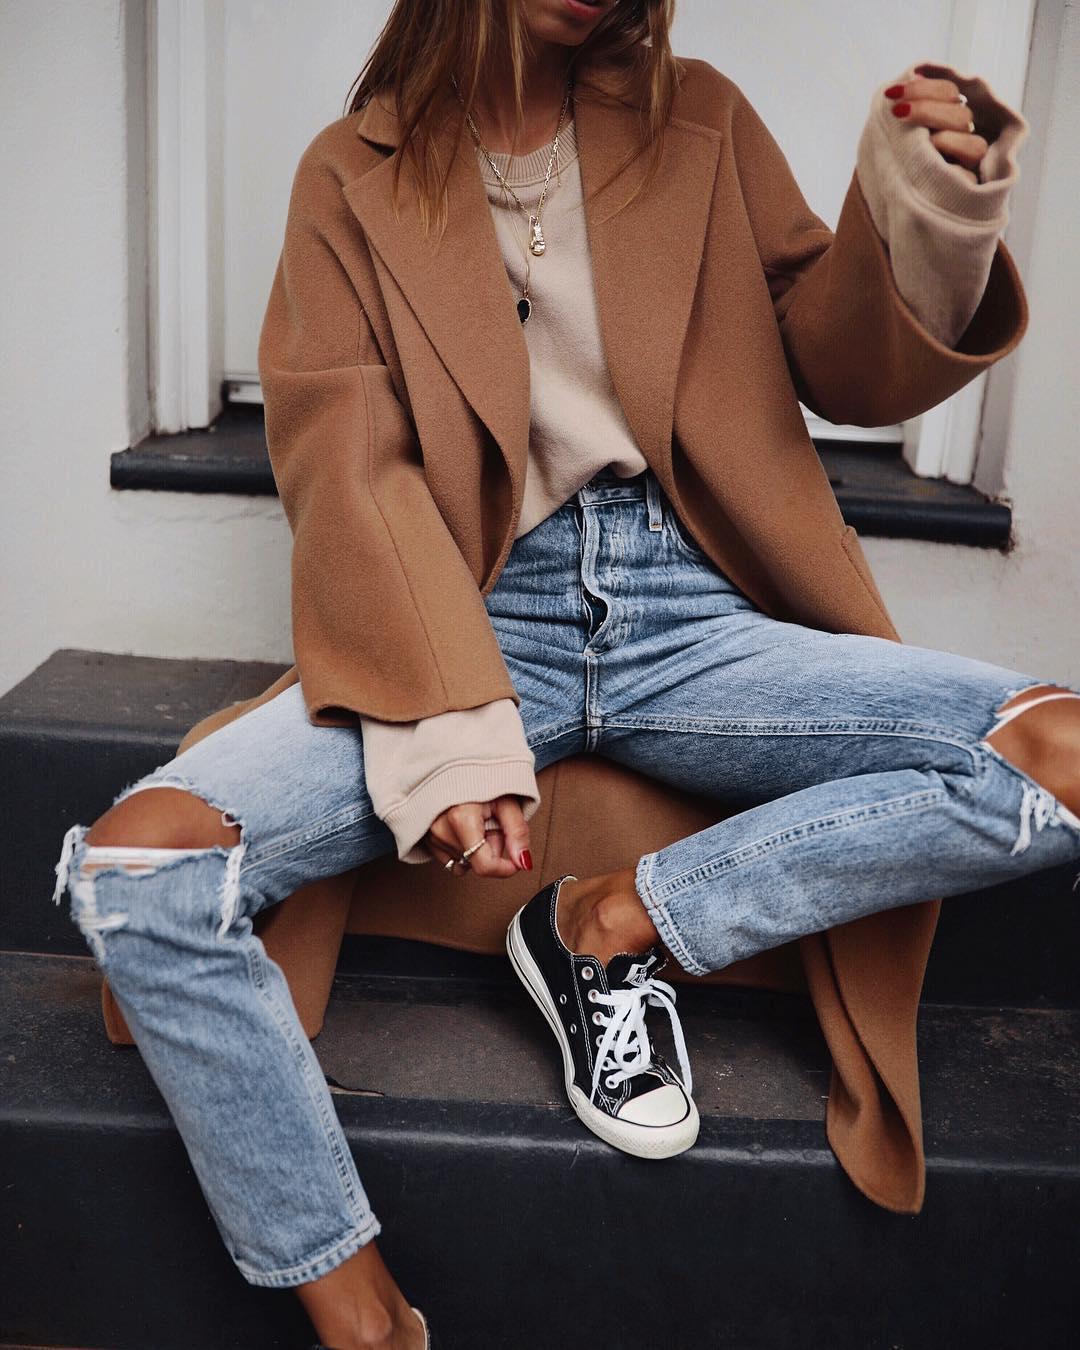 джинсы с кроссовками и кедами фото 9